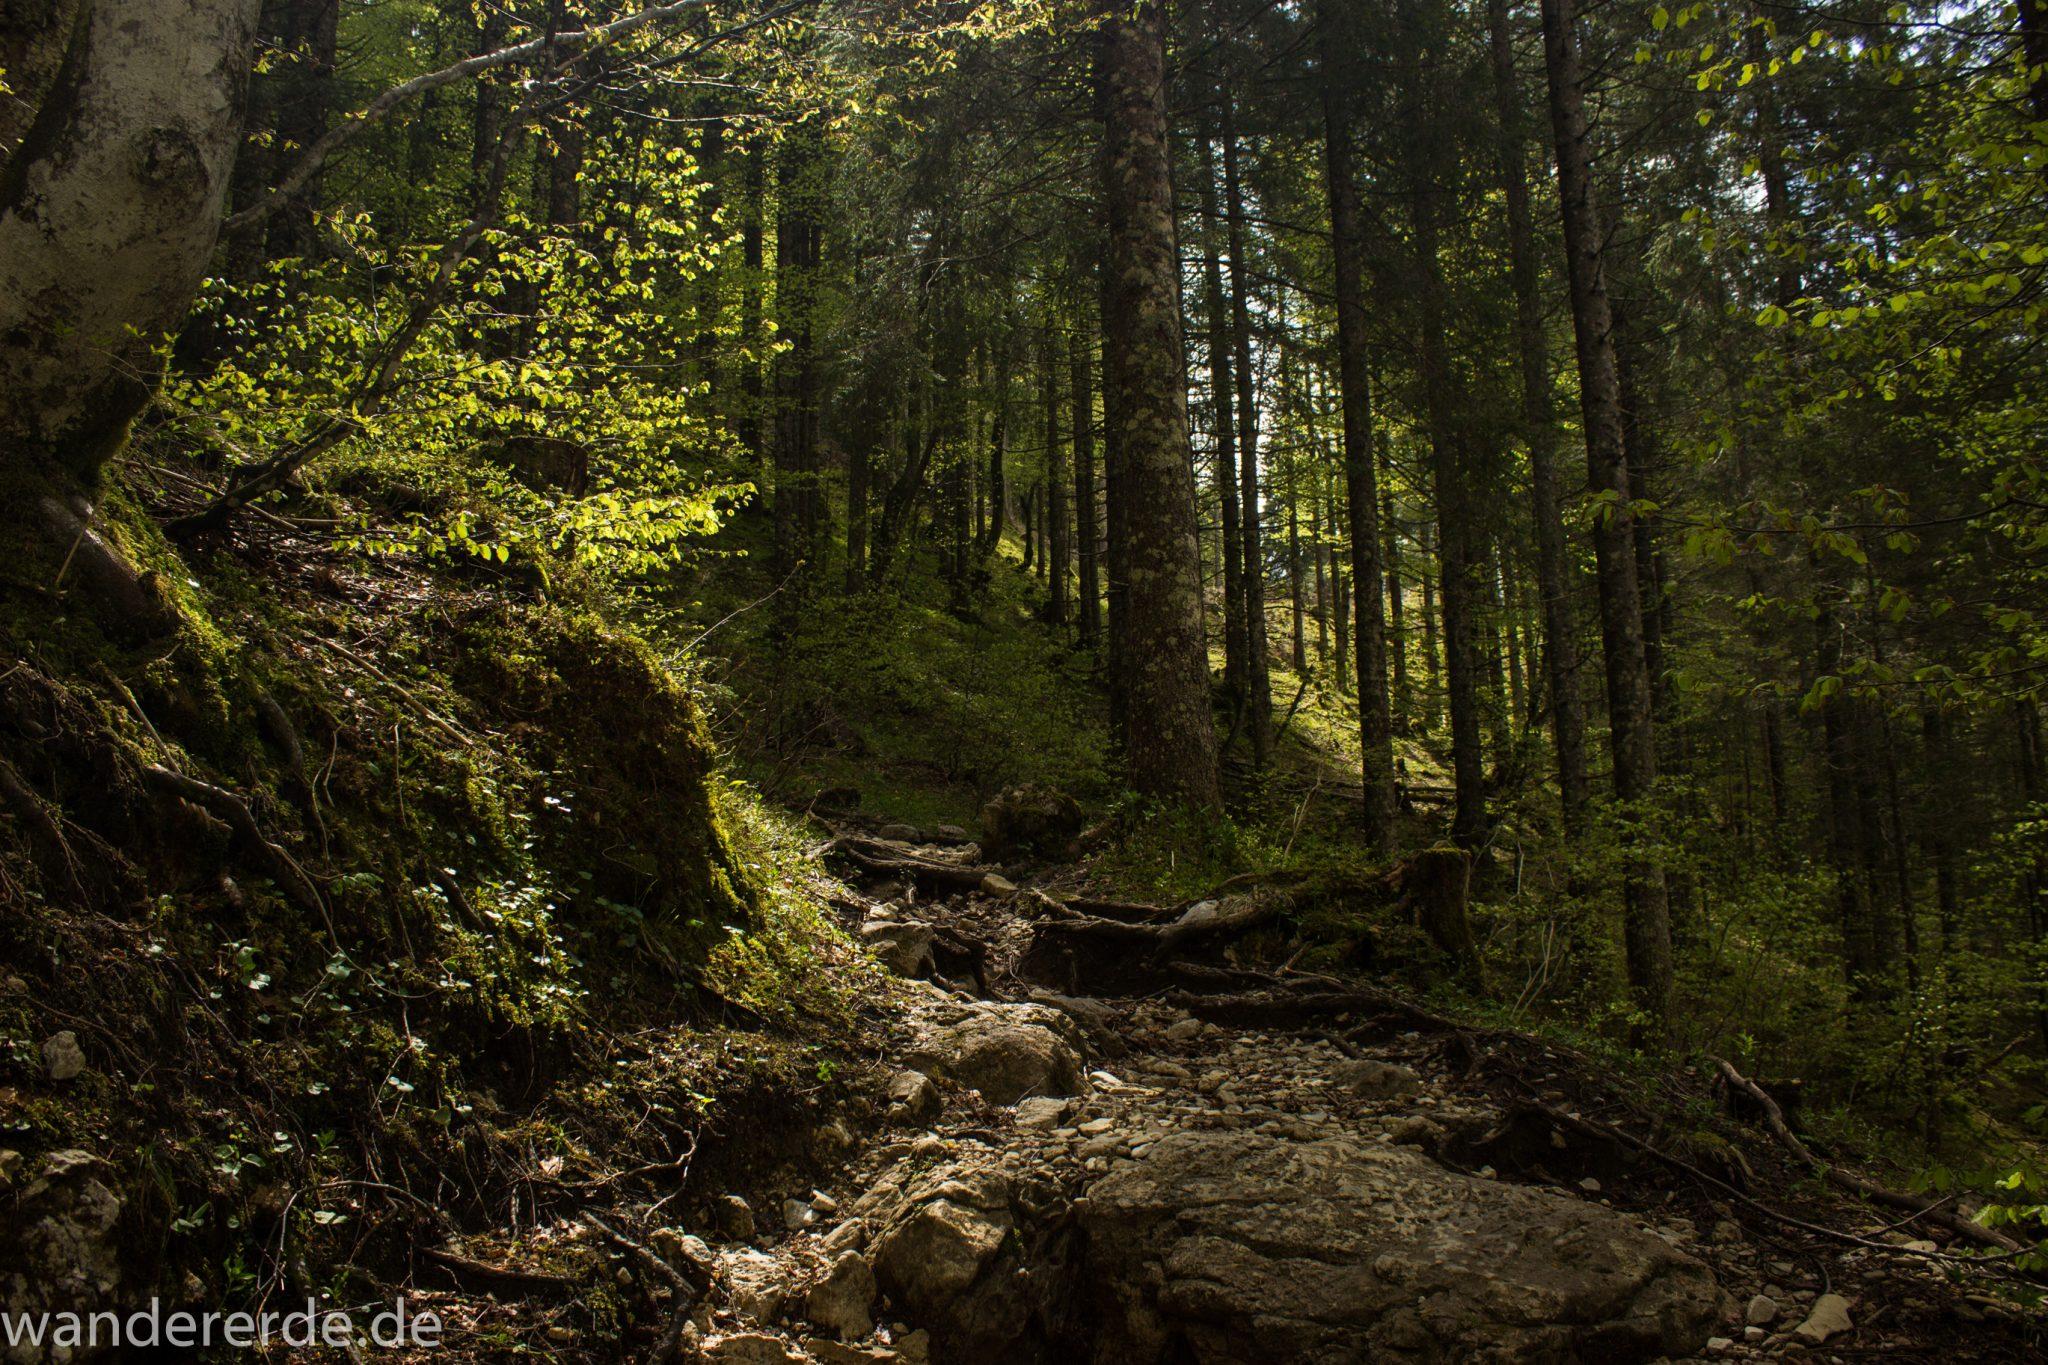 Wanderung zur Kenzenhütte in den Ammergauer Alpen, schmaler Wanderweg wird zunehmend steiler, schöner, dichter und grüner Waldweg über Stock und Stein, sehr atmosphärisch, kühlender Schatten im Wald